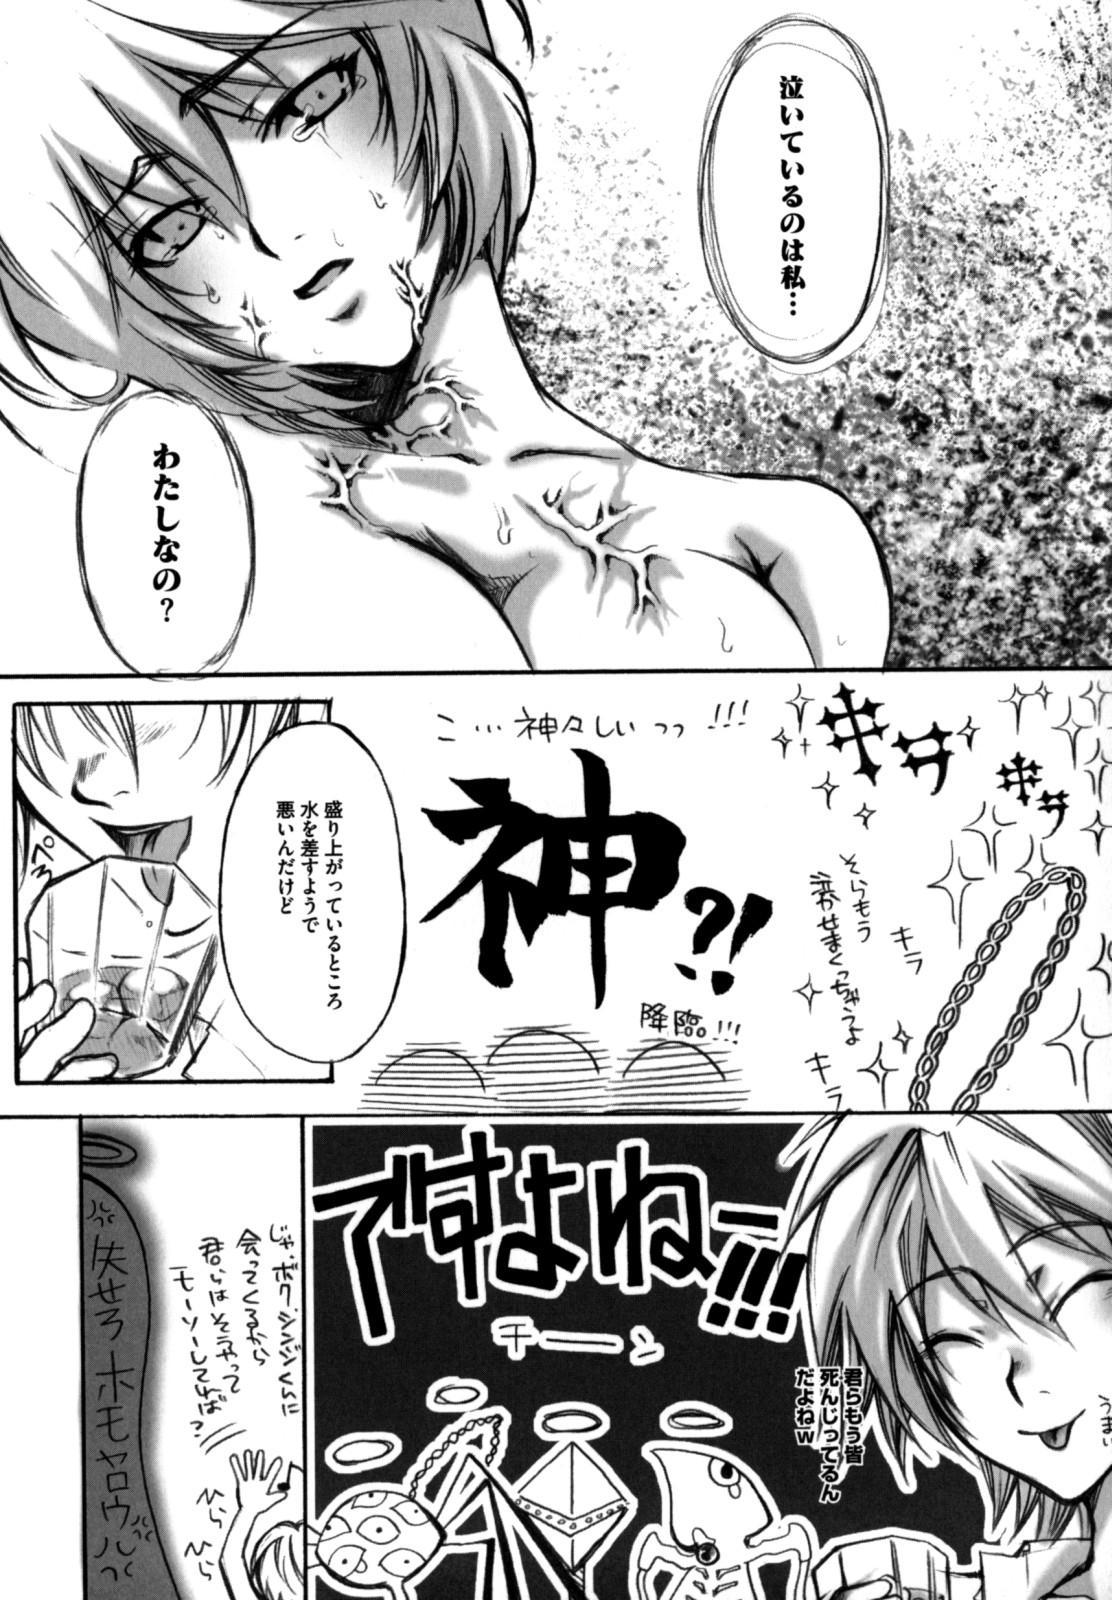 Shikijou no Erosu 44